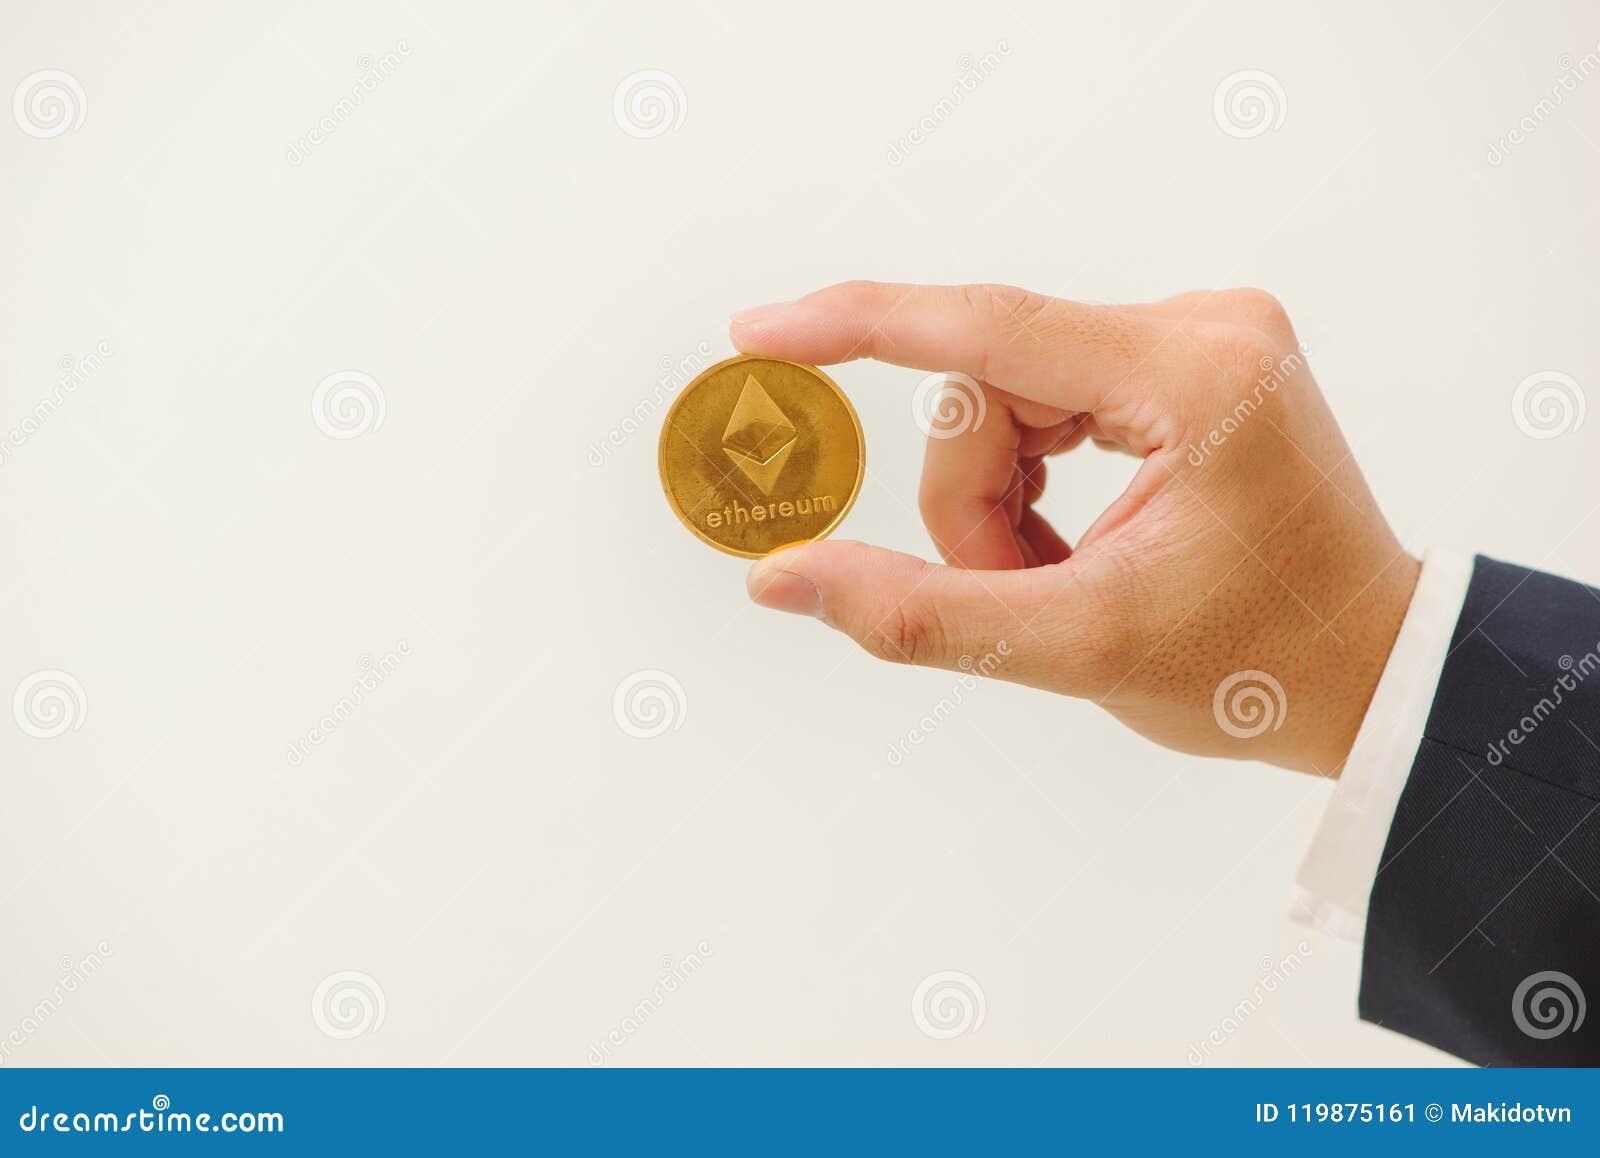 man crypto coin